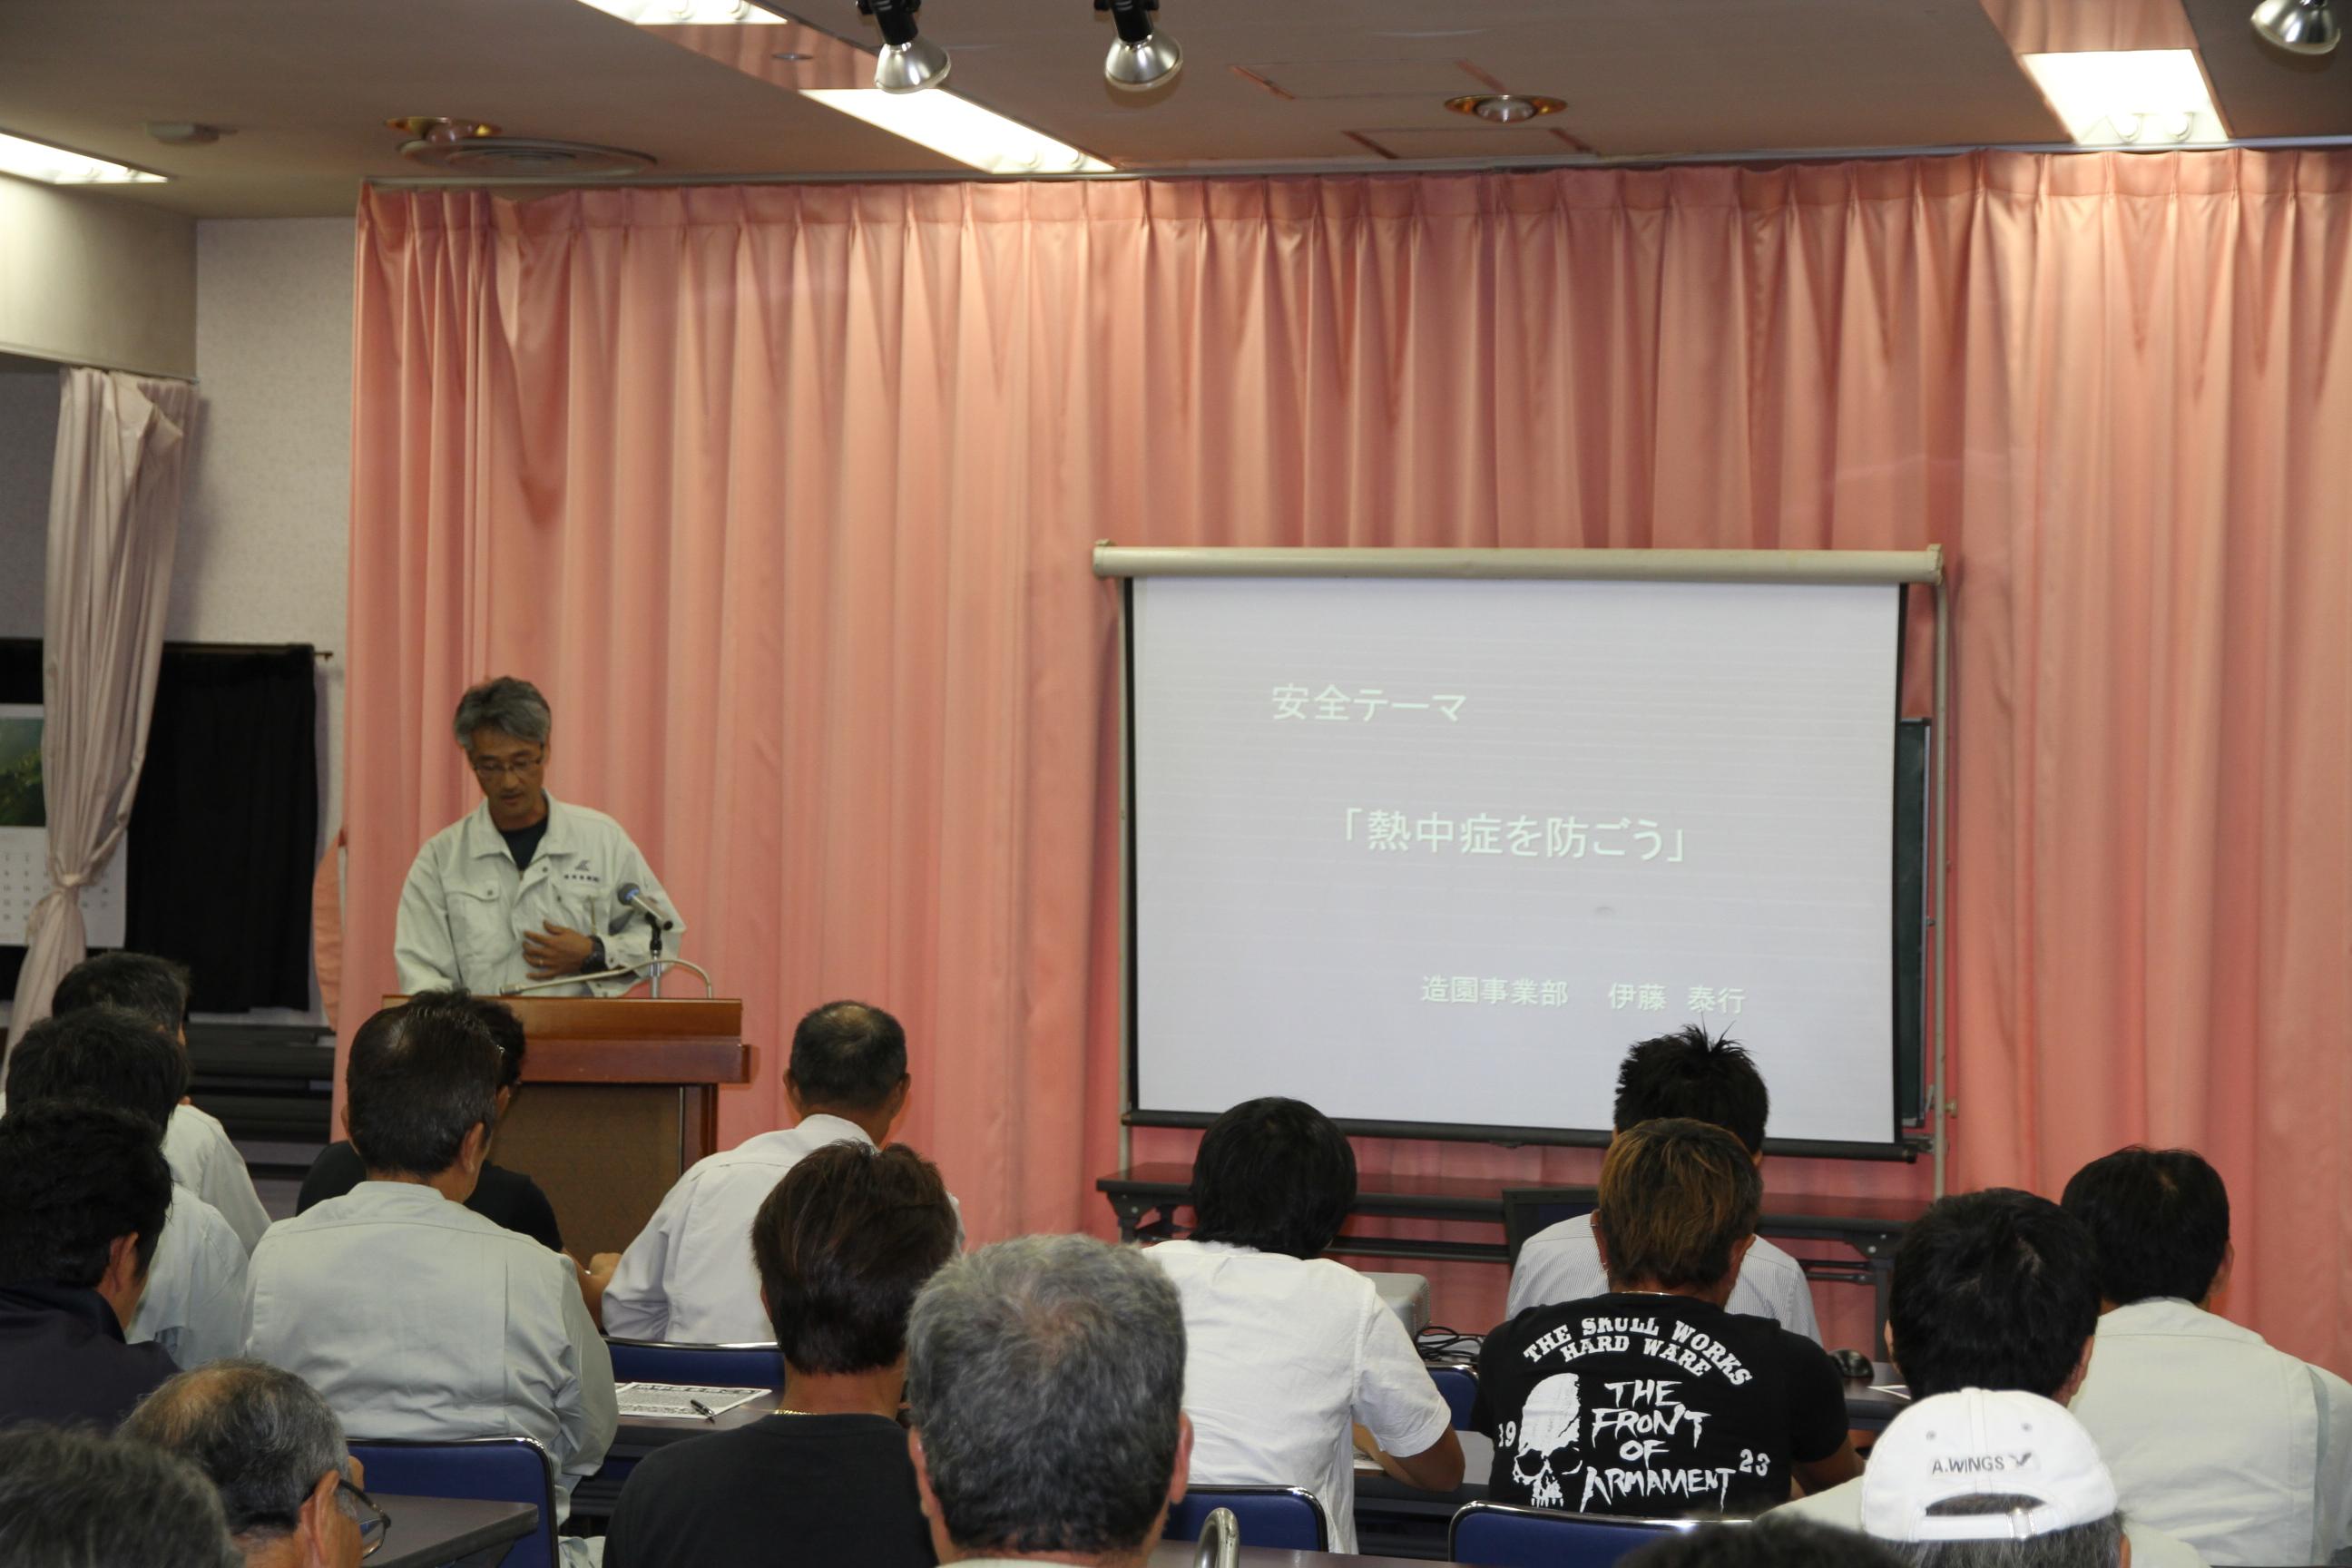 http://www.shonan-ls.co.jp/blog/landscape/img/IMG_3252.JPG